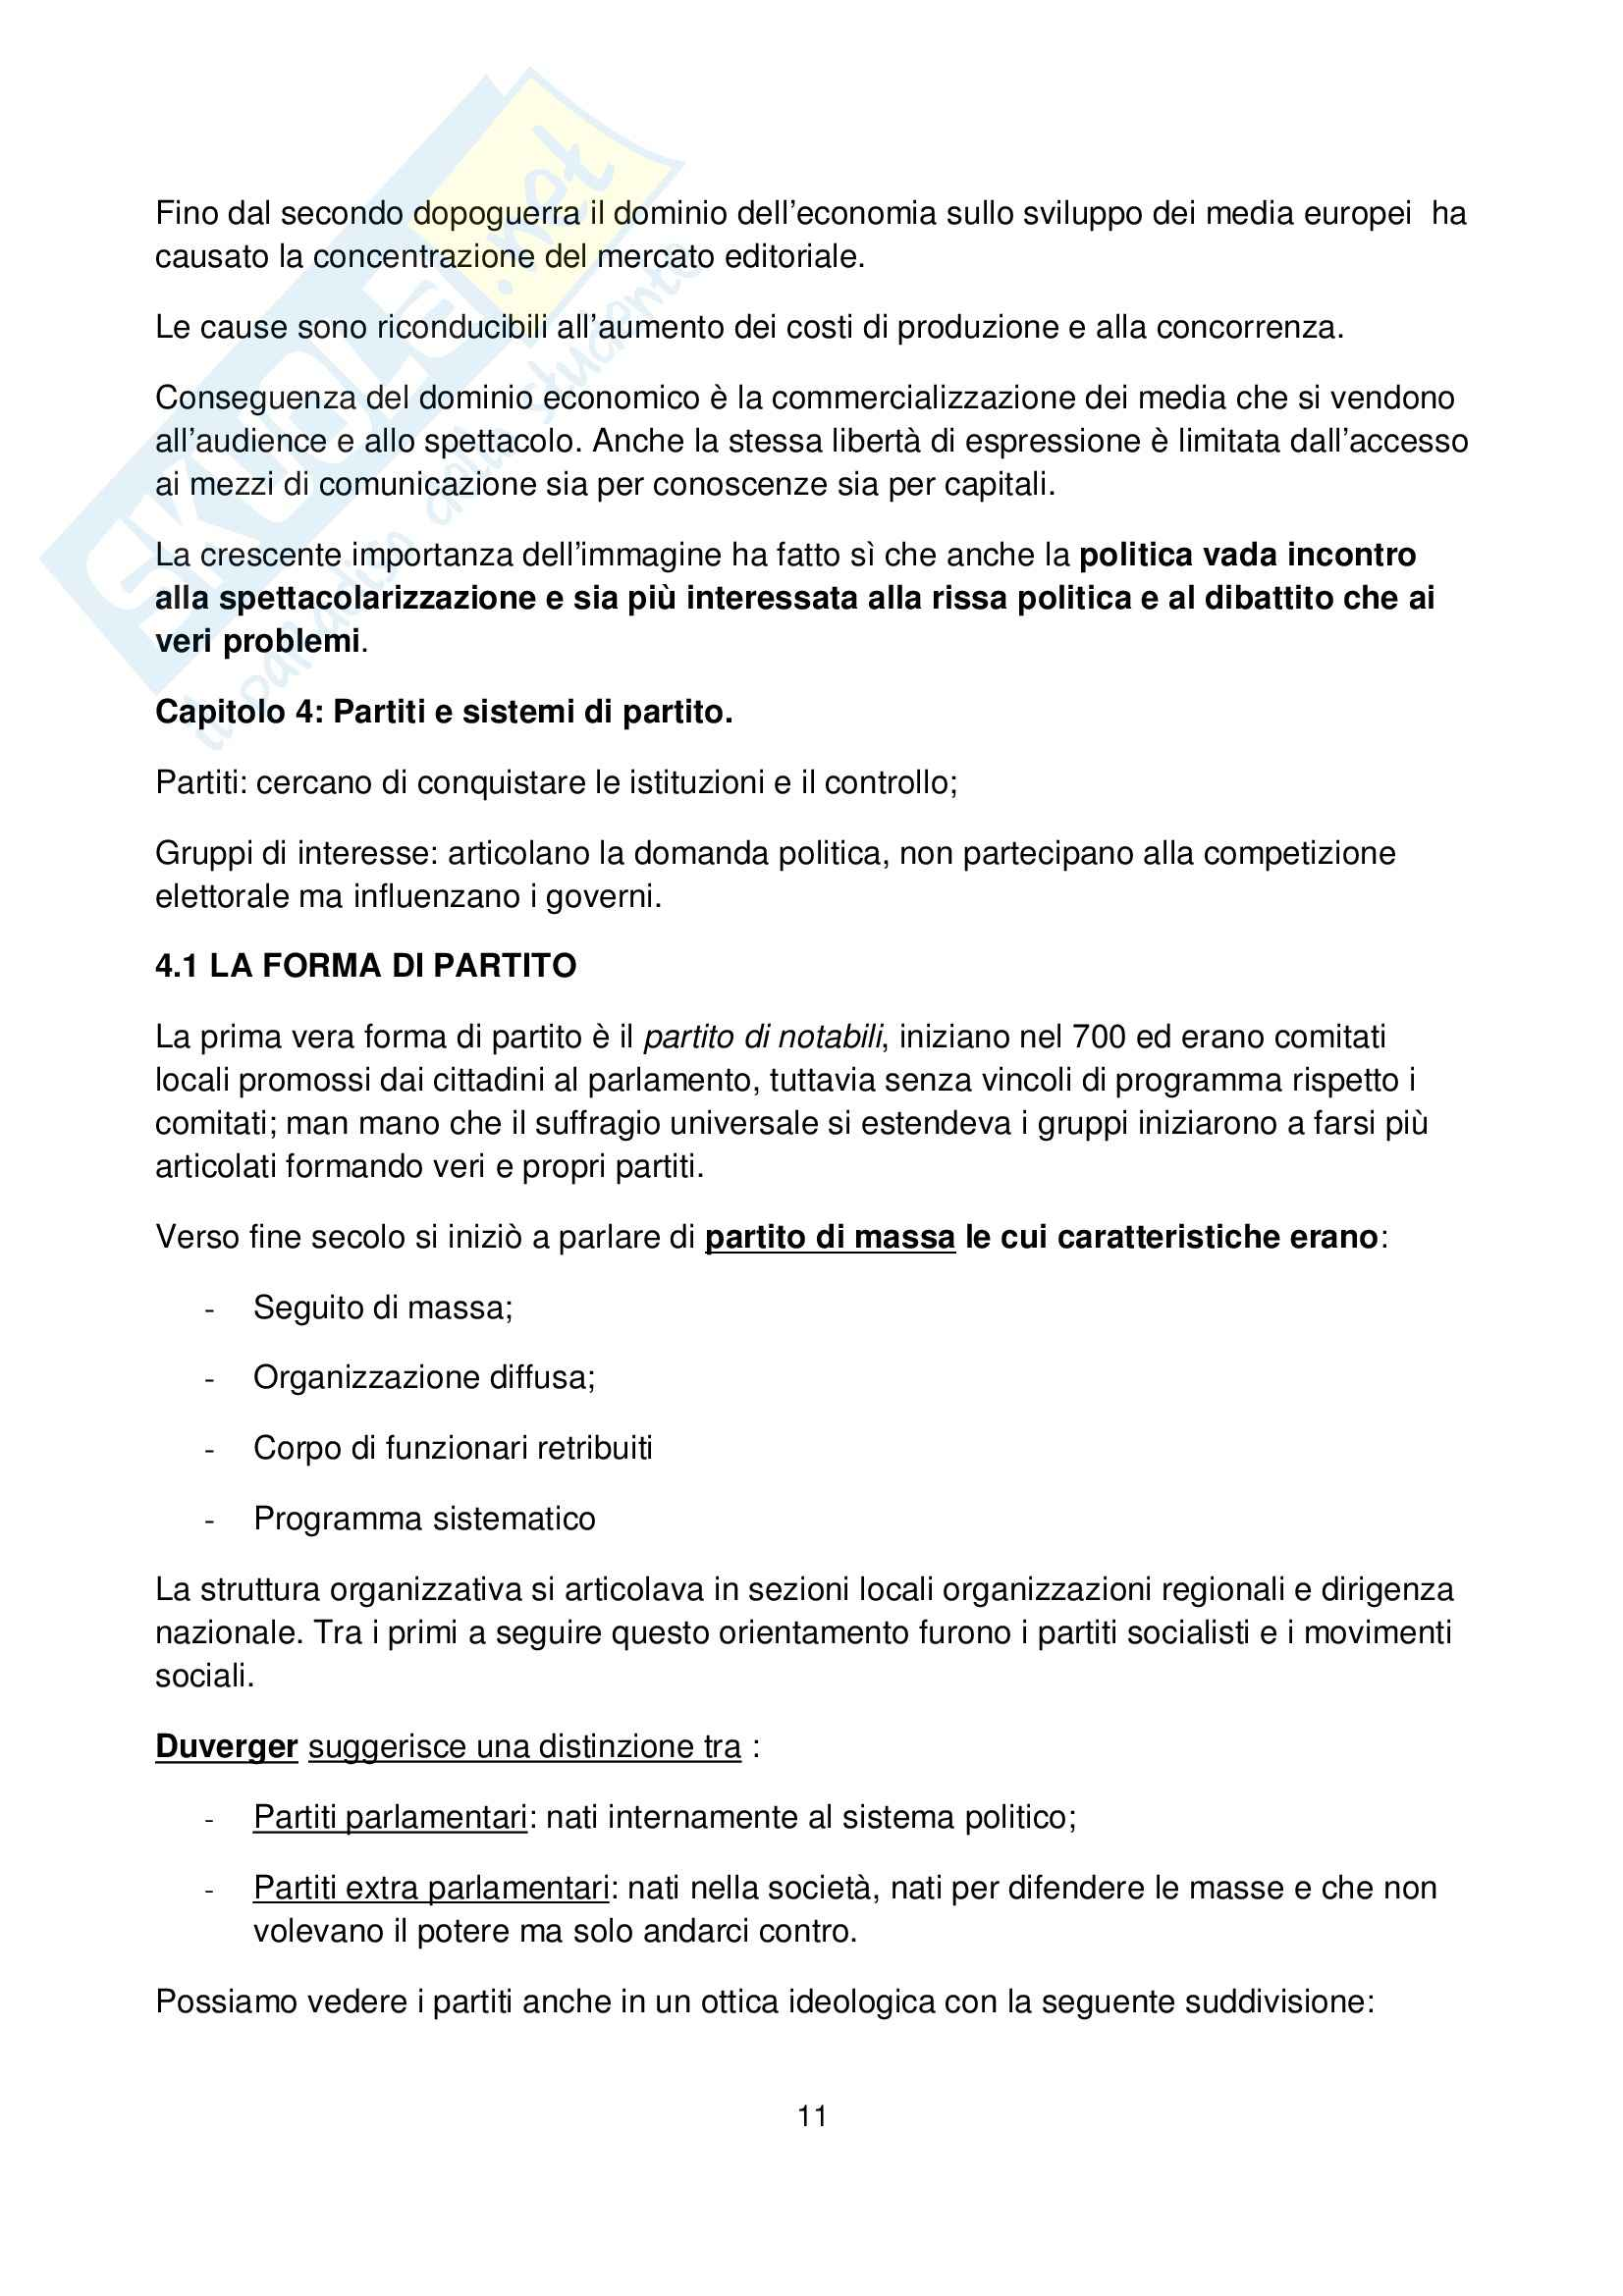 Riassunto esame Scienza Politica, prof. indefinito, libro consigliato Democrazia Reale, Riccamboni Pag. 11